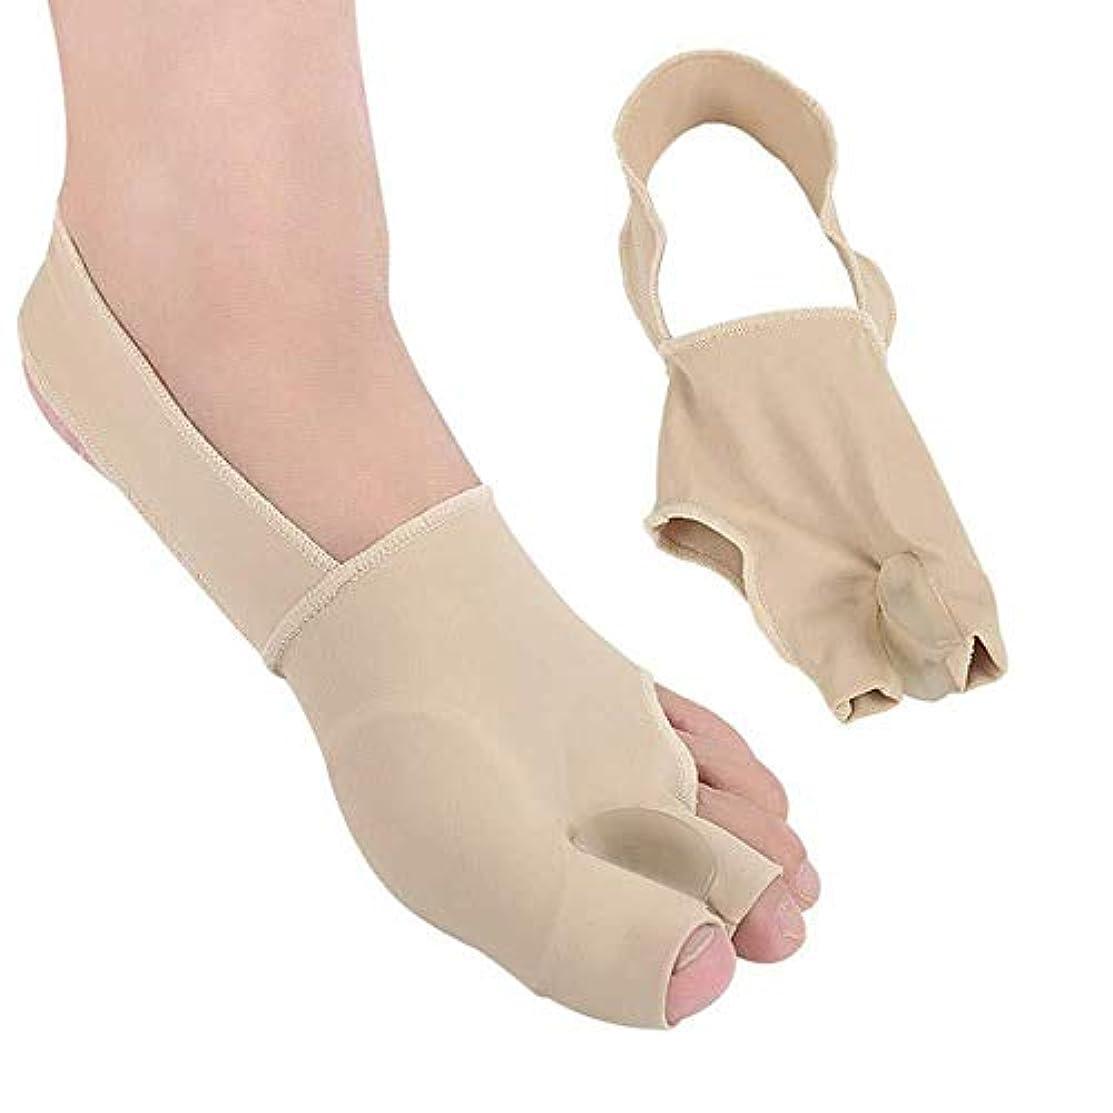 そのような装置広々としたつま先セパレーター、足の痛みを緩和する運動の治療のための超薄型整形外科のつま先の外反母supportサポート,S